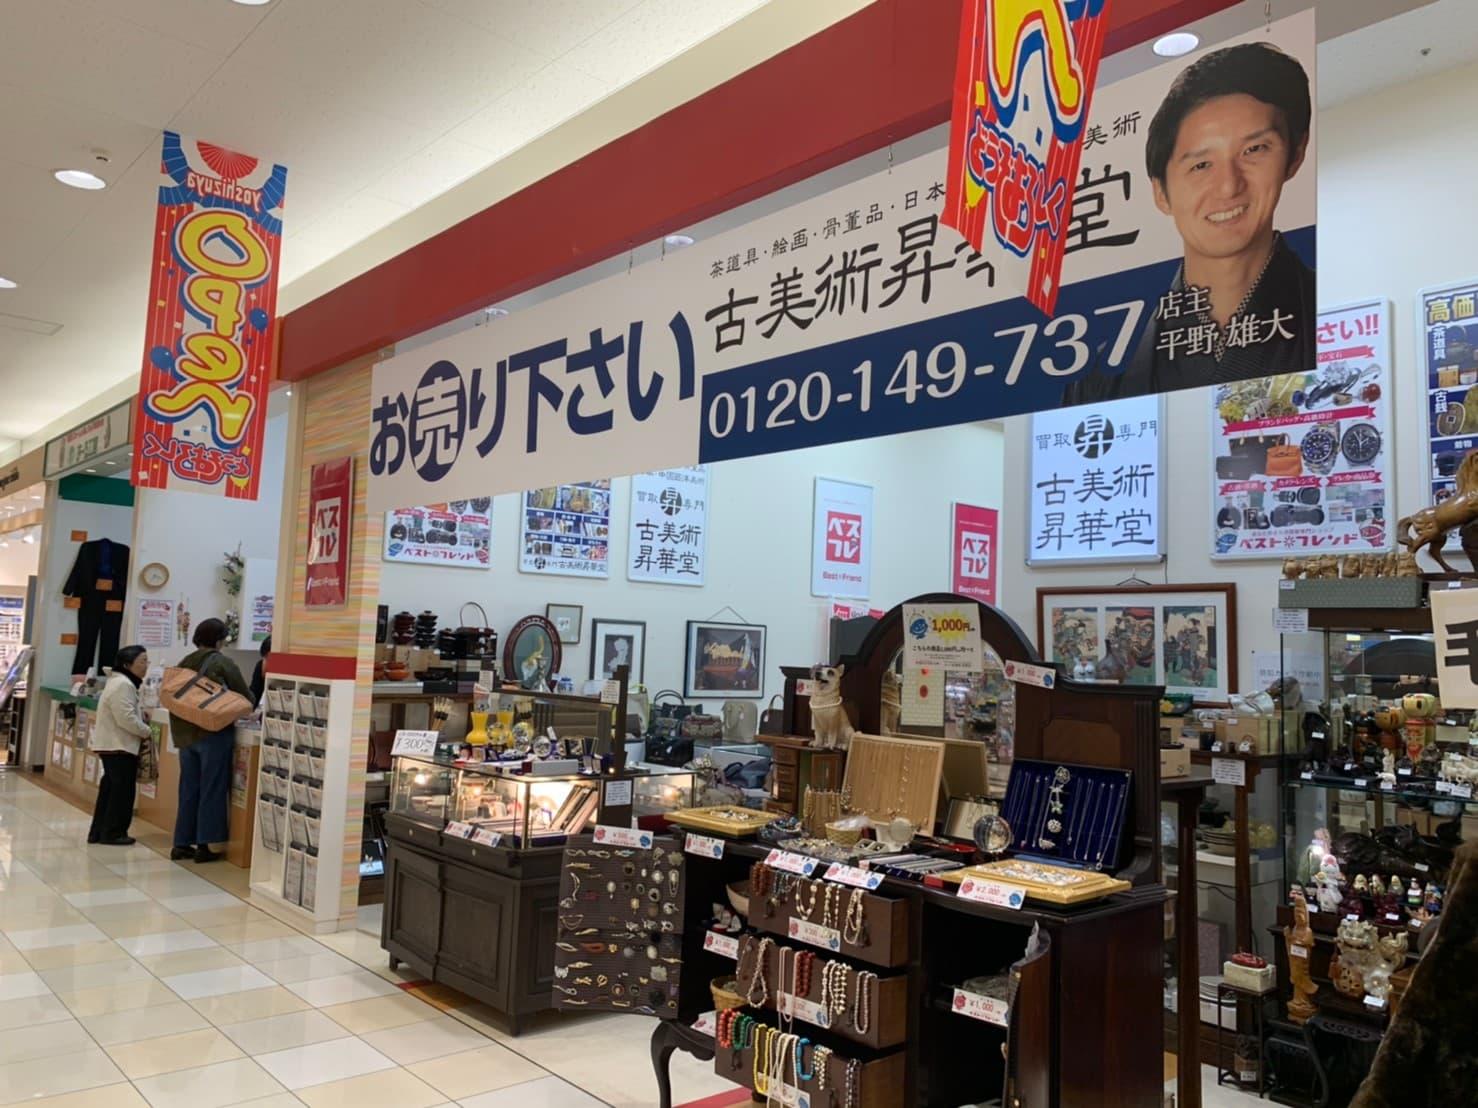 ベストフレンド昇華堂ヨシヅヤ名西店店舗写真1